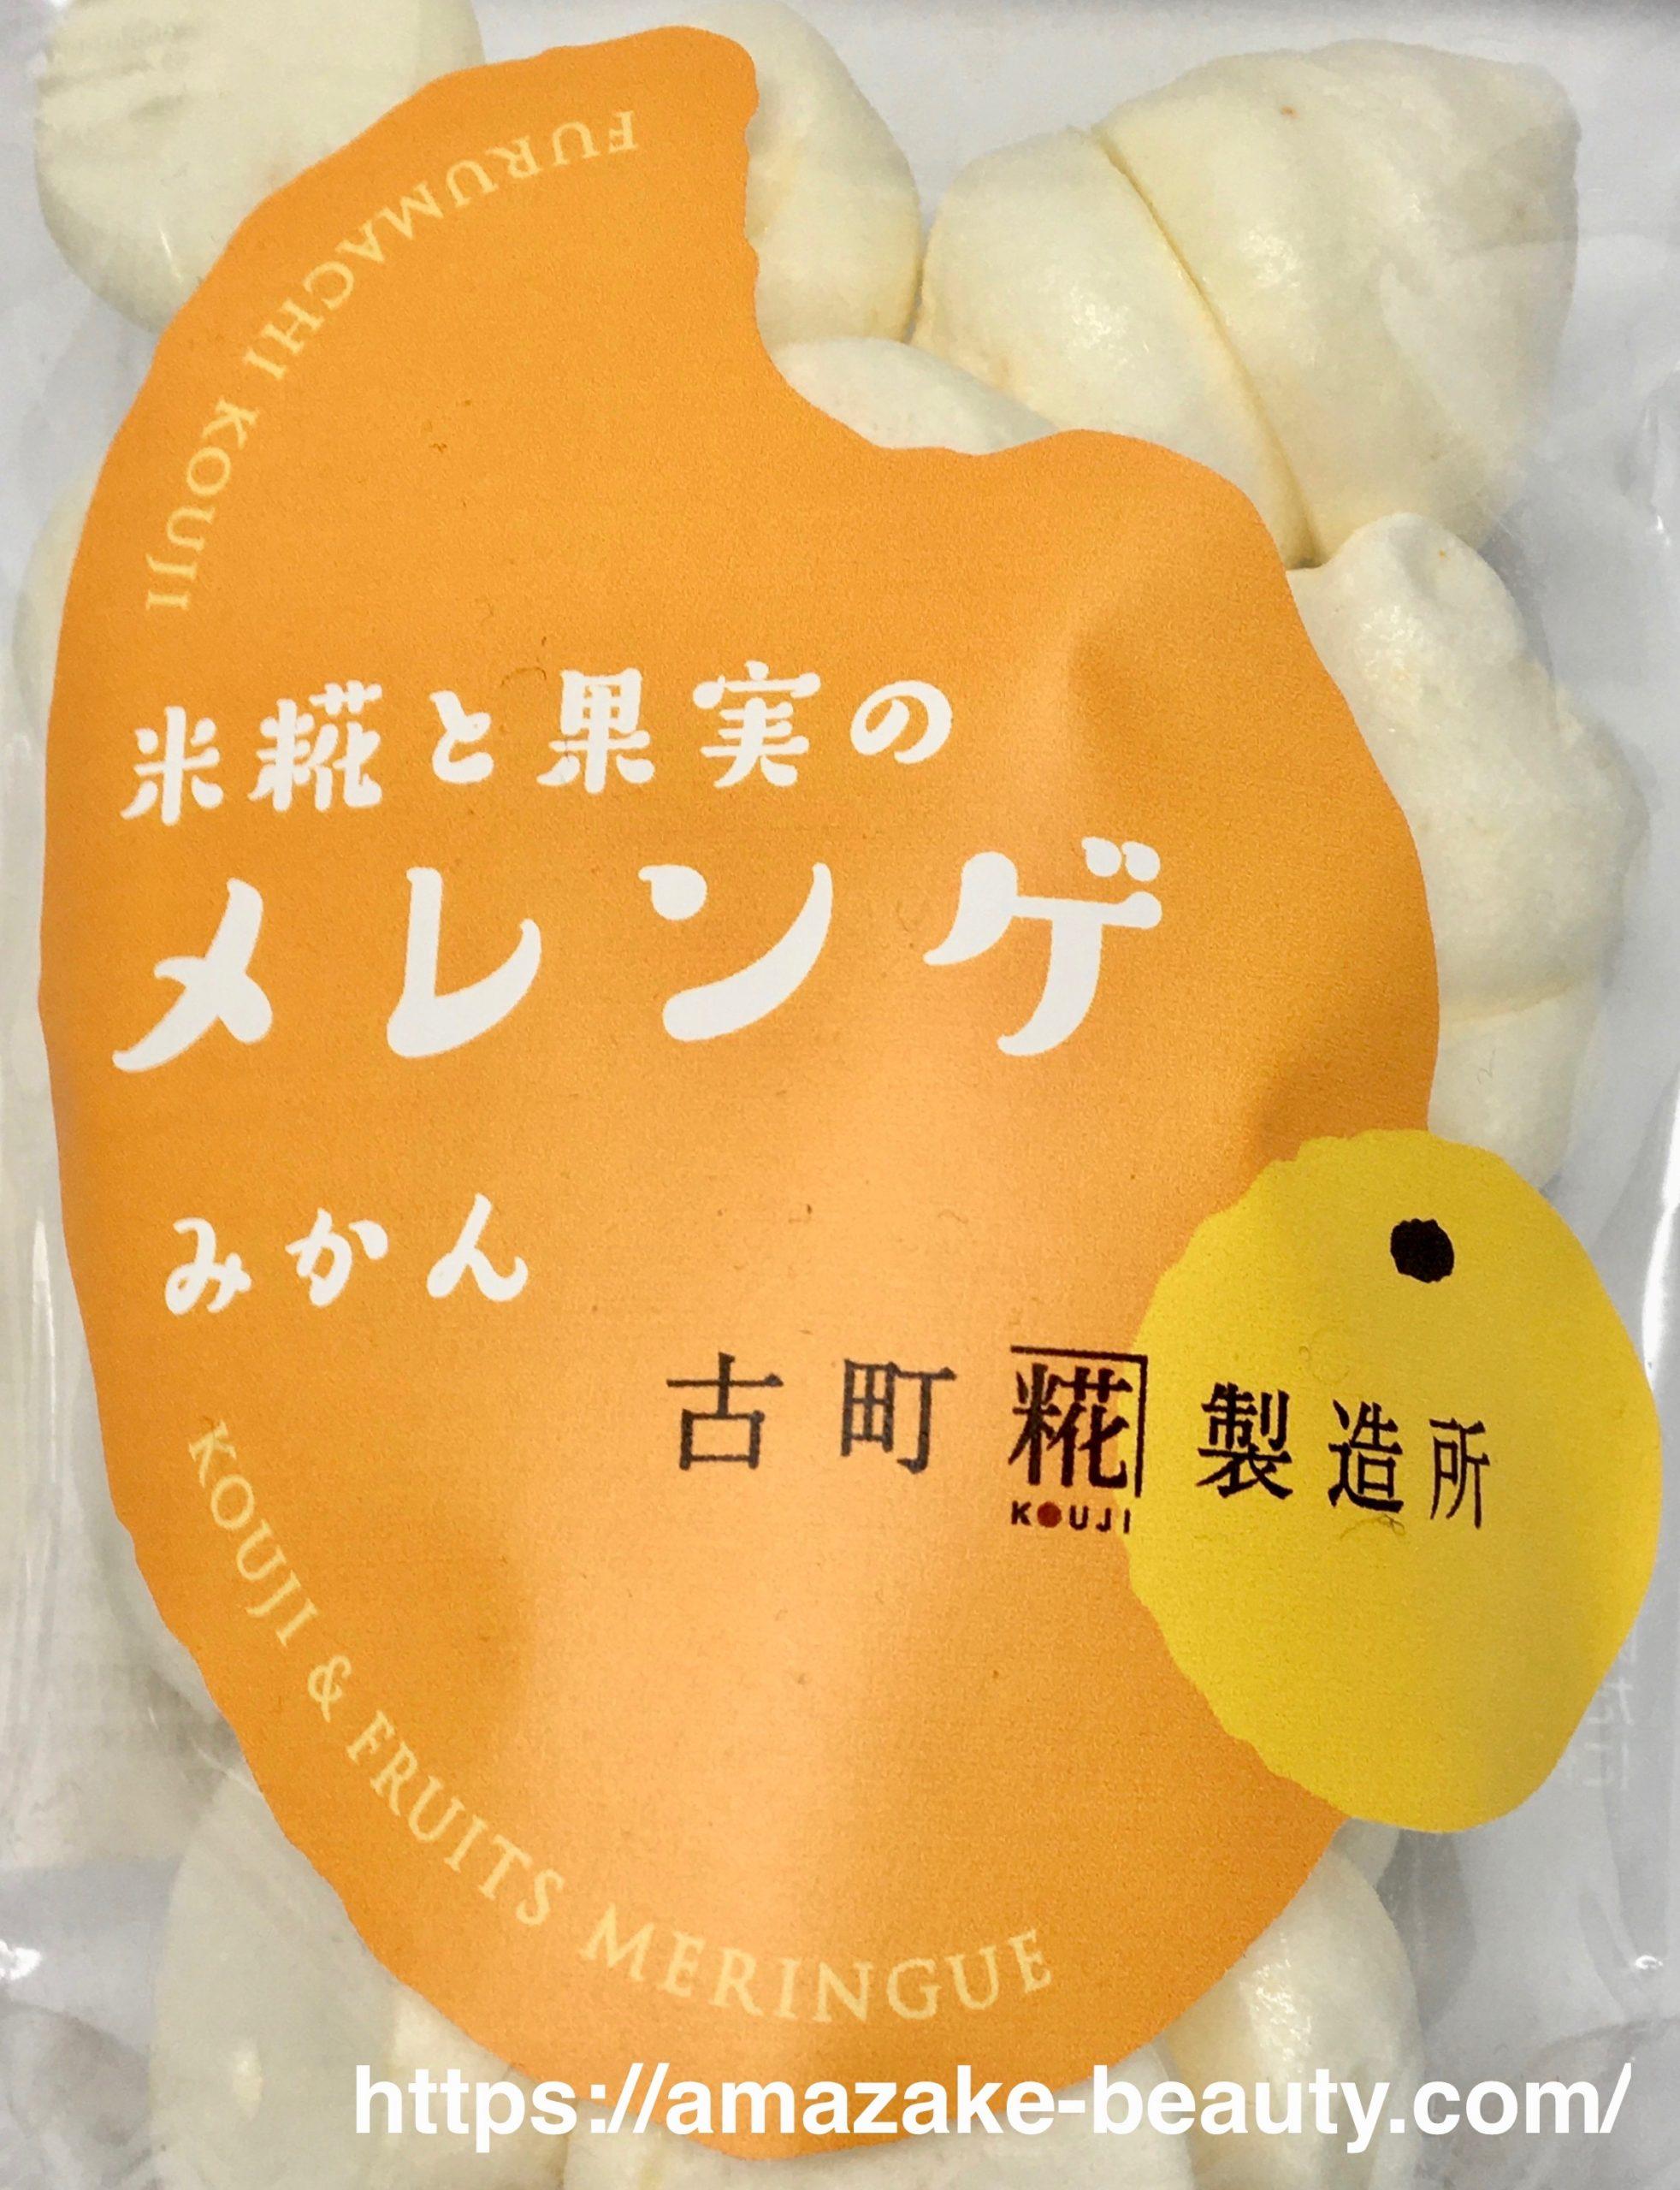 【甘酒甘味】古町糀製造所『米麹と果実のメレンゲ(みかん)』(ラベルデザイン)